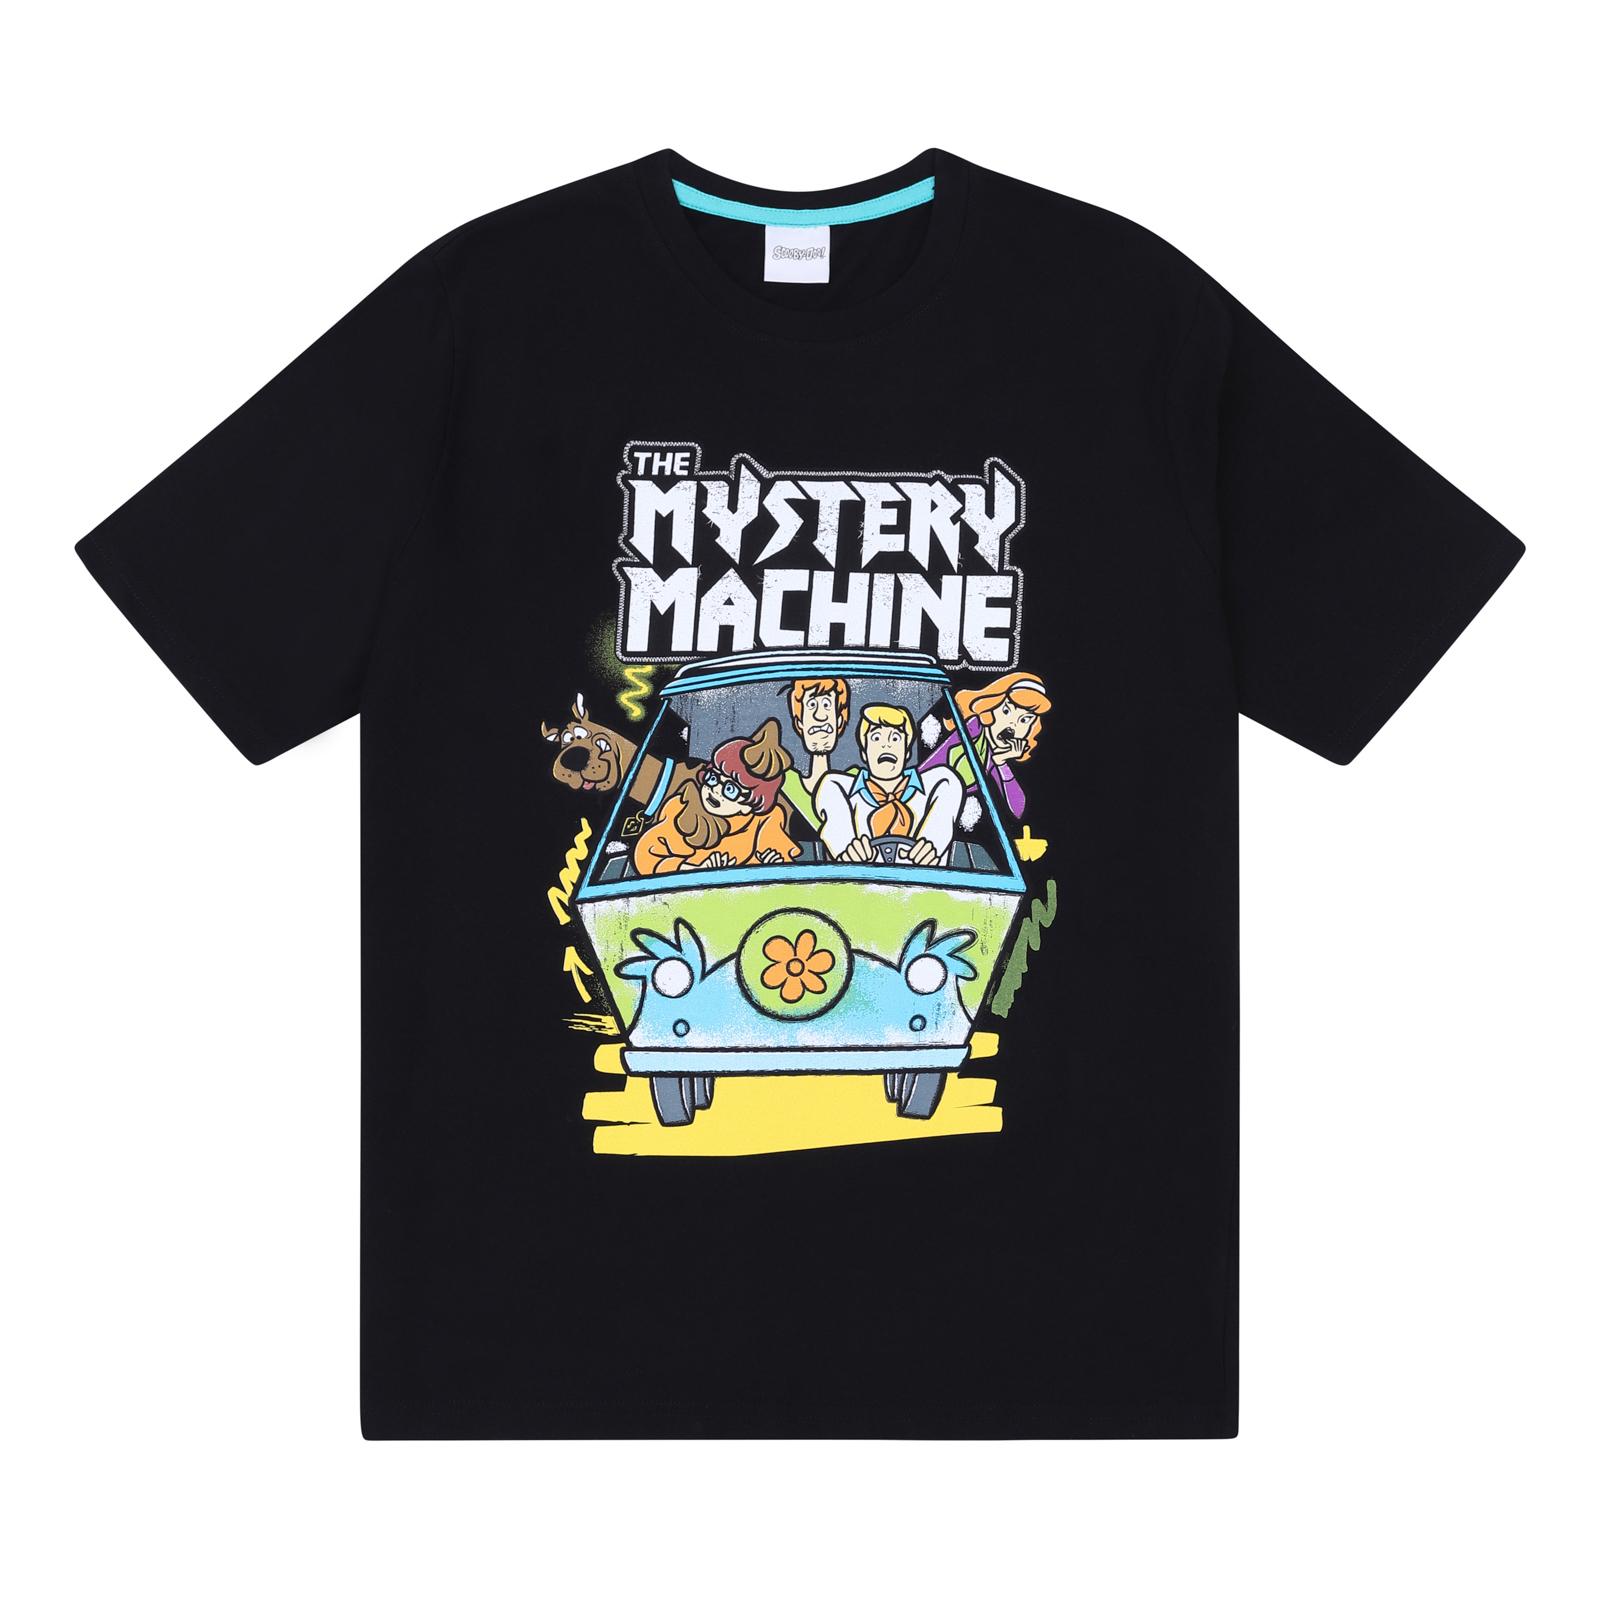 Scooby-Doo-Shaggy-Mystery-Machine-Official-Mens-Loungewear-Retro-Short-Pyjamas thumbnail 3